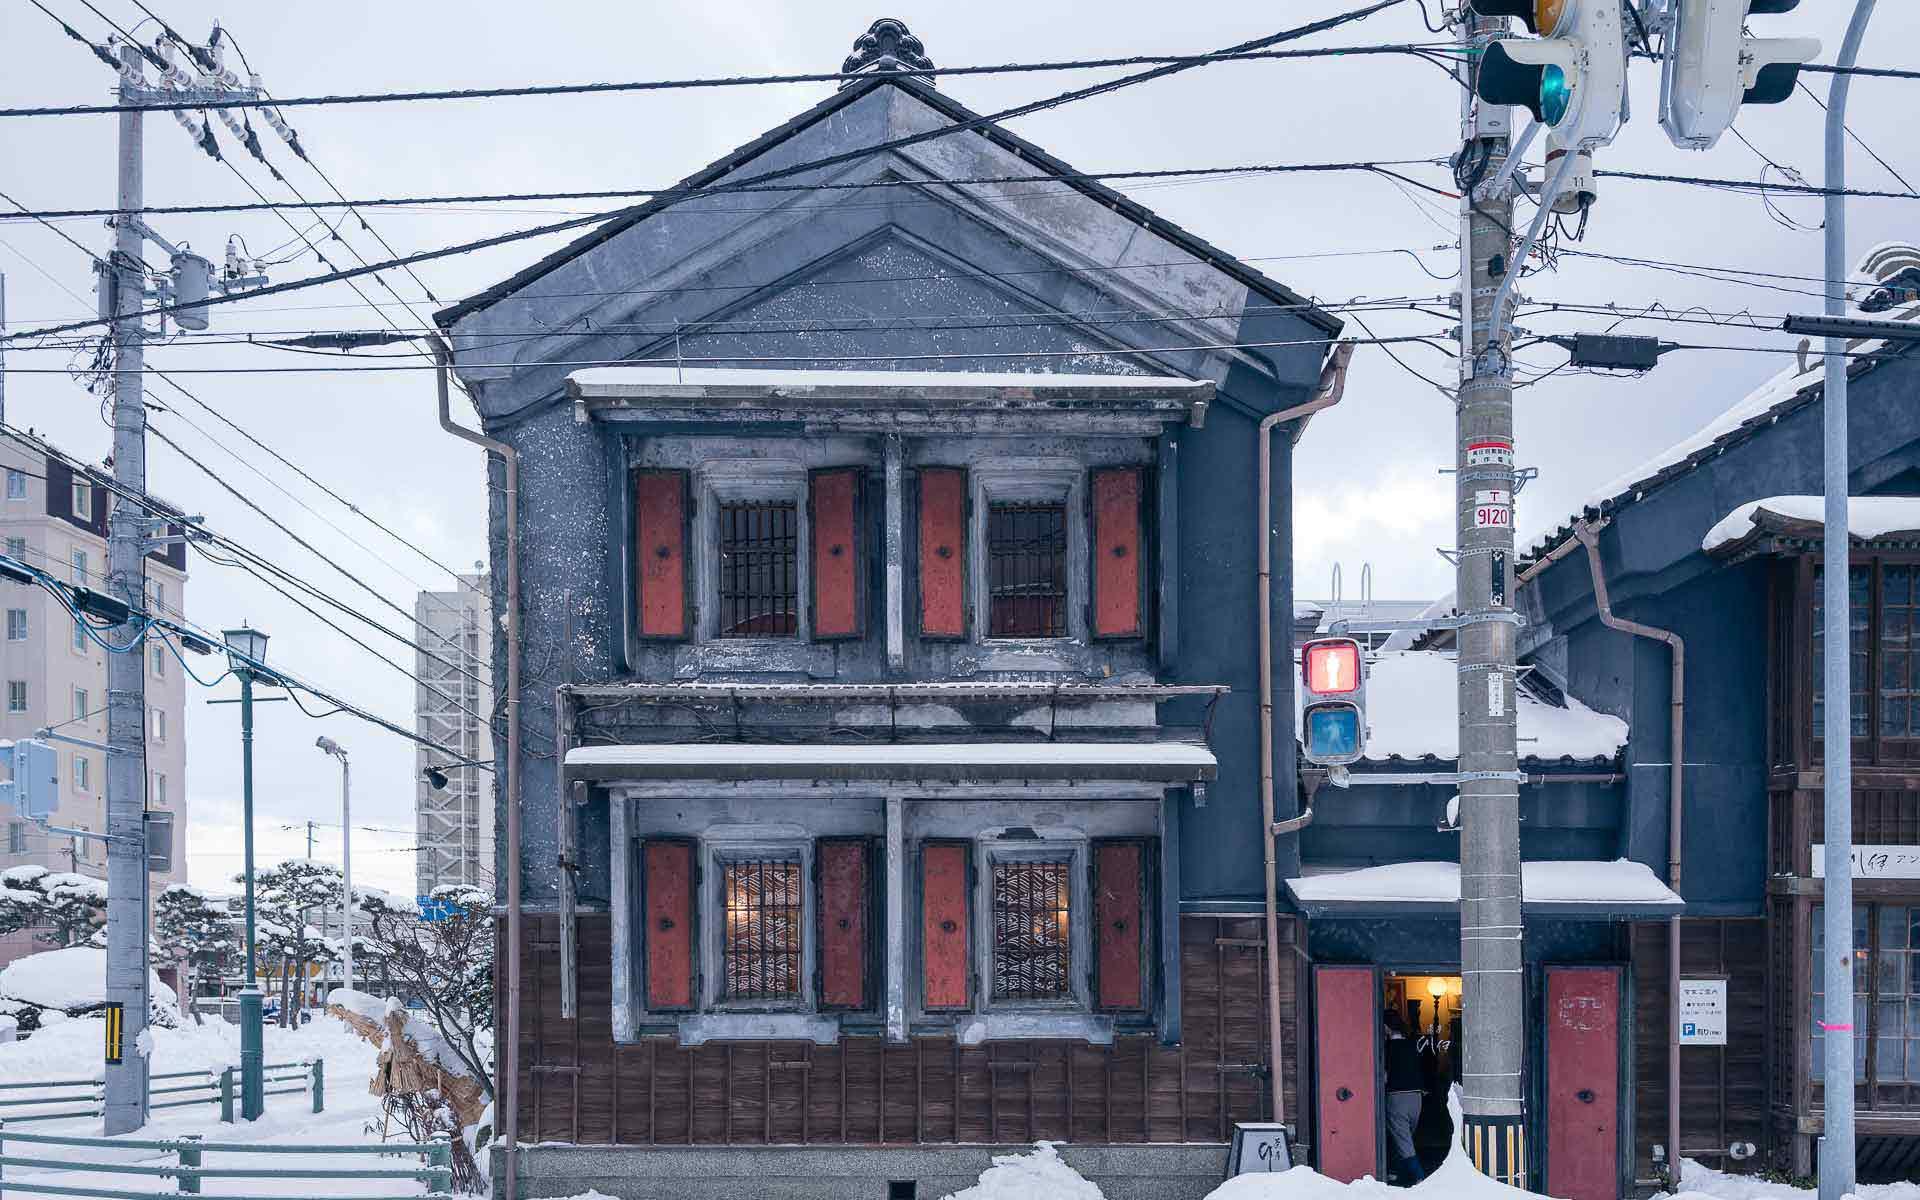 茶房 ひし伊の外観。右隣はアンティークショップ「古きものなどなど」を経営されています